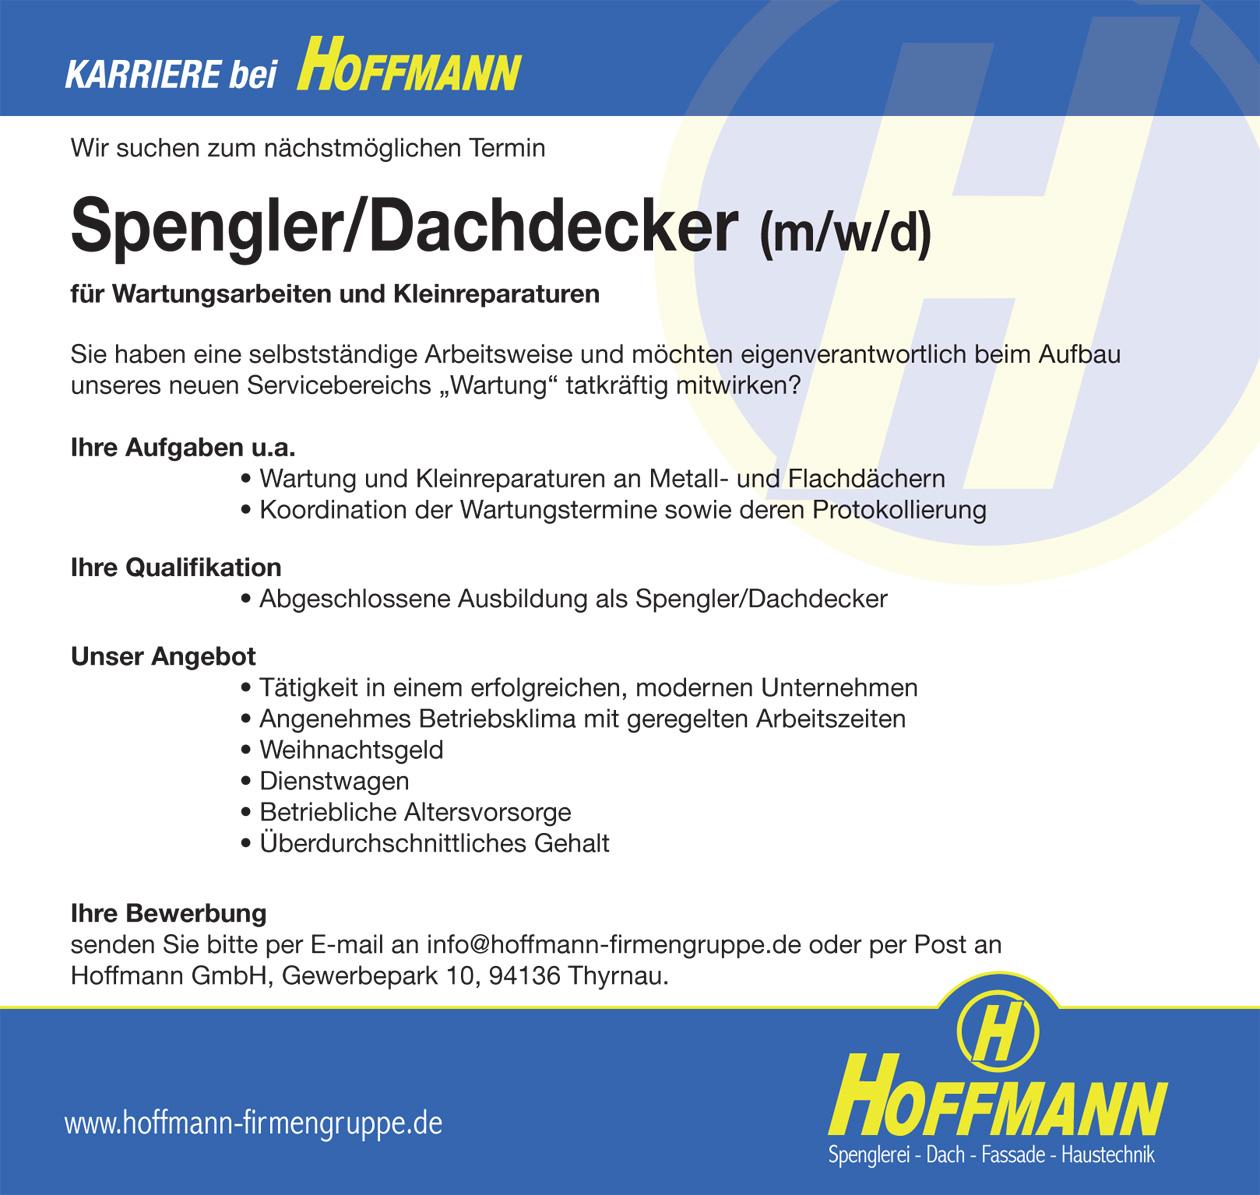 Stellenanzeige Job Spengler/Dachdecker (m/w/d) Hoffmann